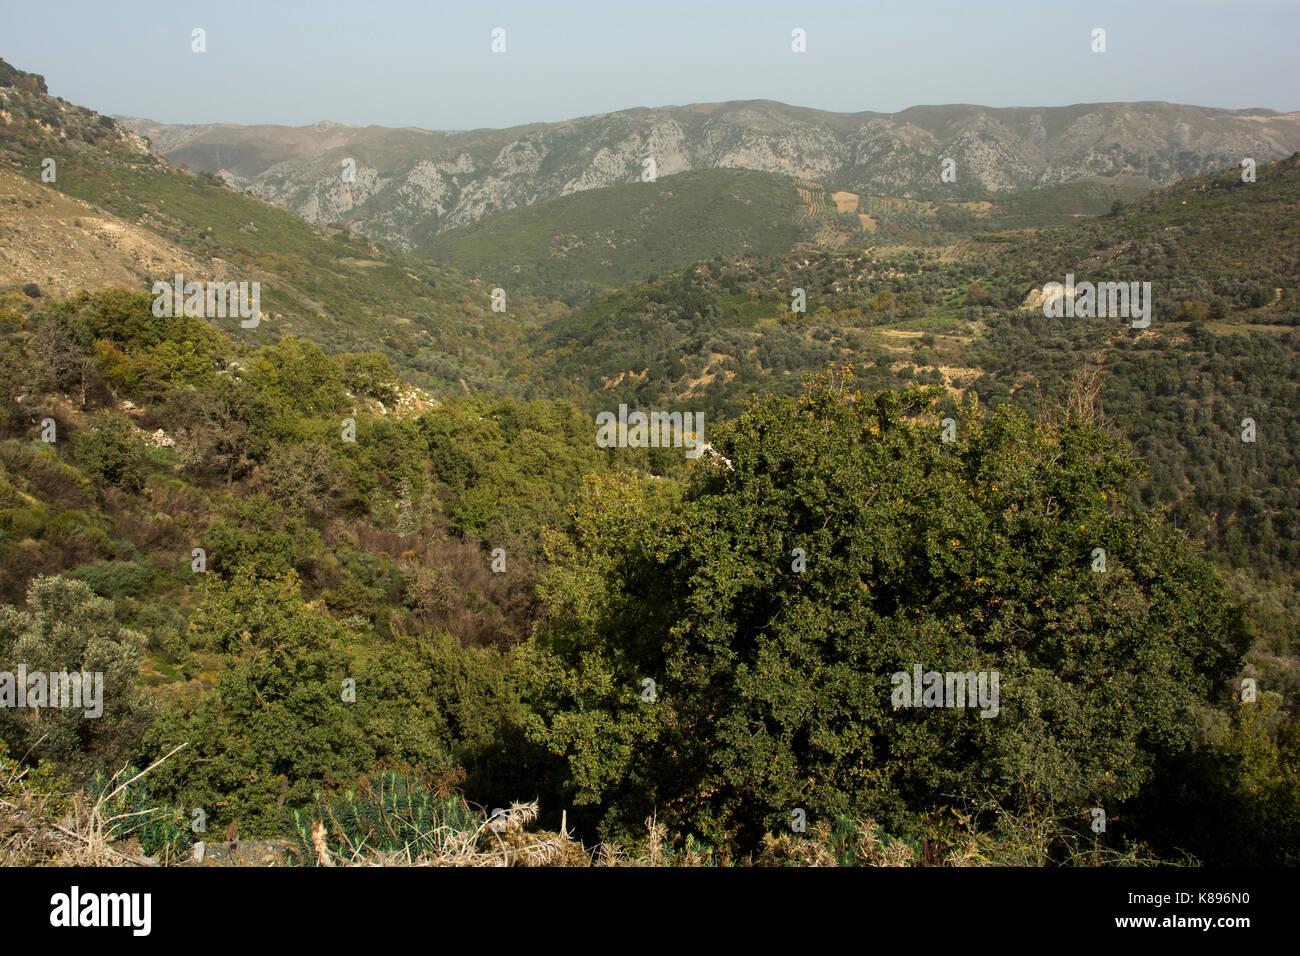 Mediterranean forest near Apostoli in the mountains of central Crete.   Laubwald in der Nähe von Apostolis - Stock Image